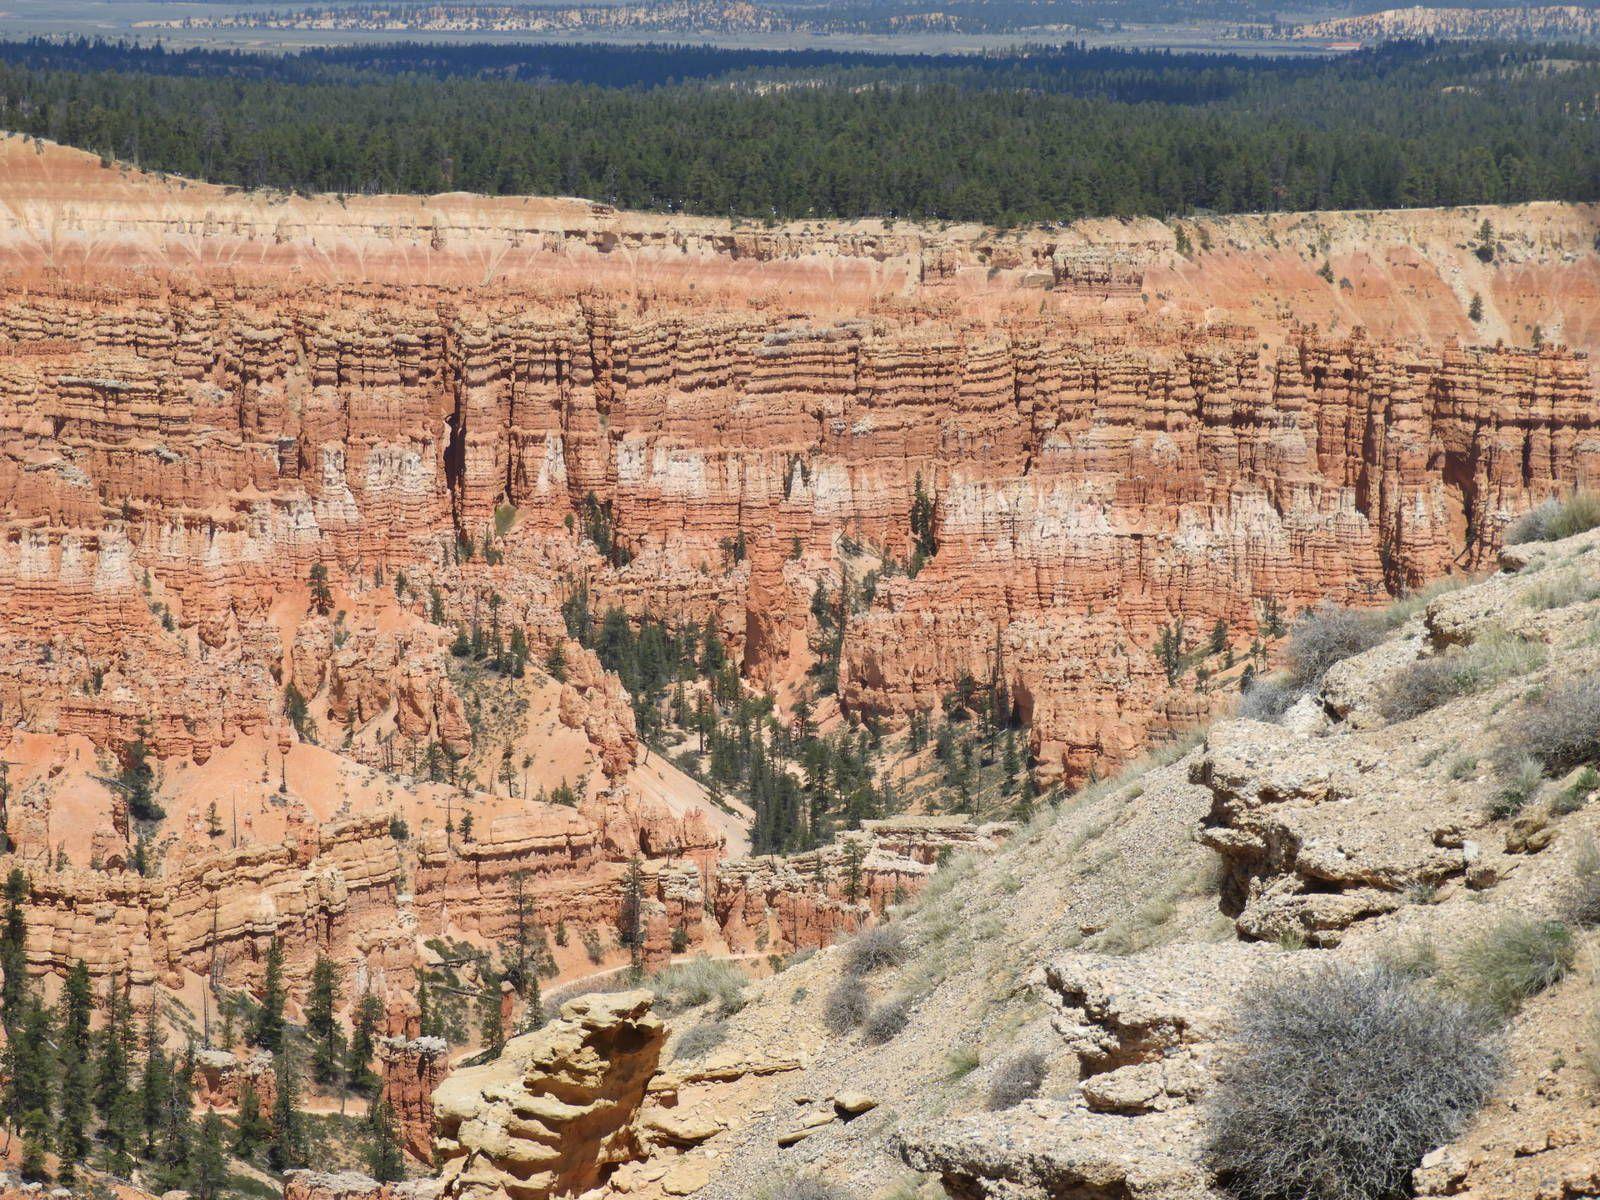 Un couple et une moto dans le Wild West américain 08 jour -  De Tropic, Parcs Bryce Canyon, Red Canyon et Zion à ST George Utah